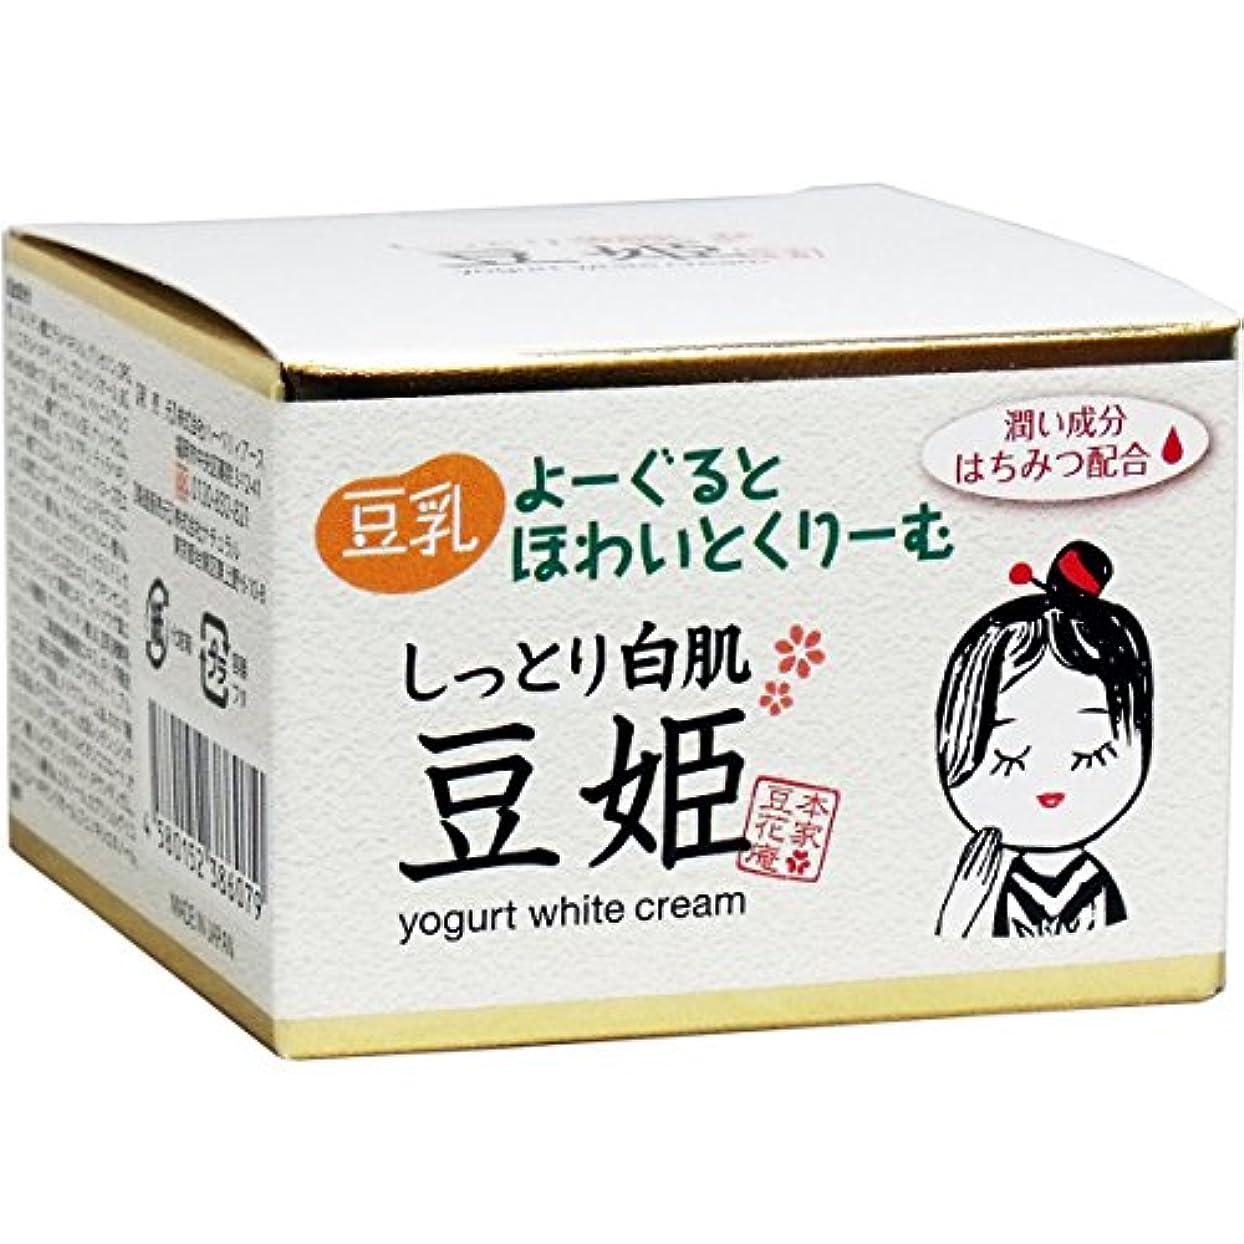 出くわすモナリザ責め豆乳ヨーグルトホワイトクリーム (TYホワイトジェルクリーム 90g)